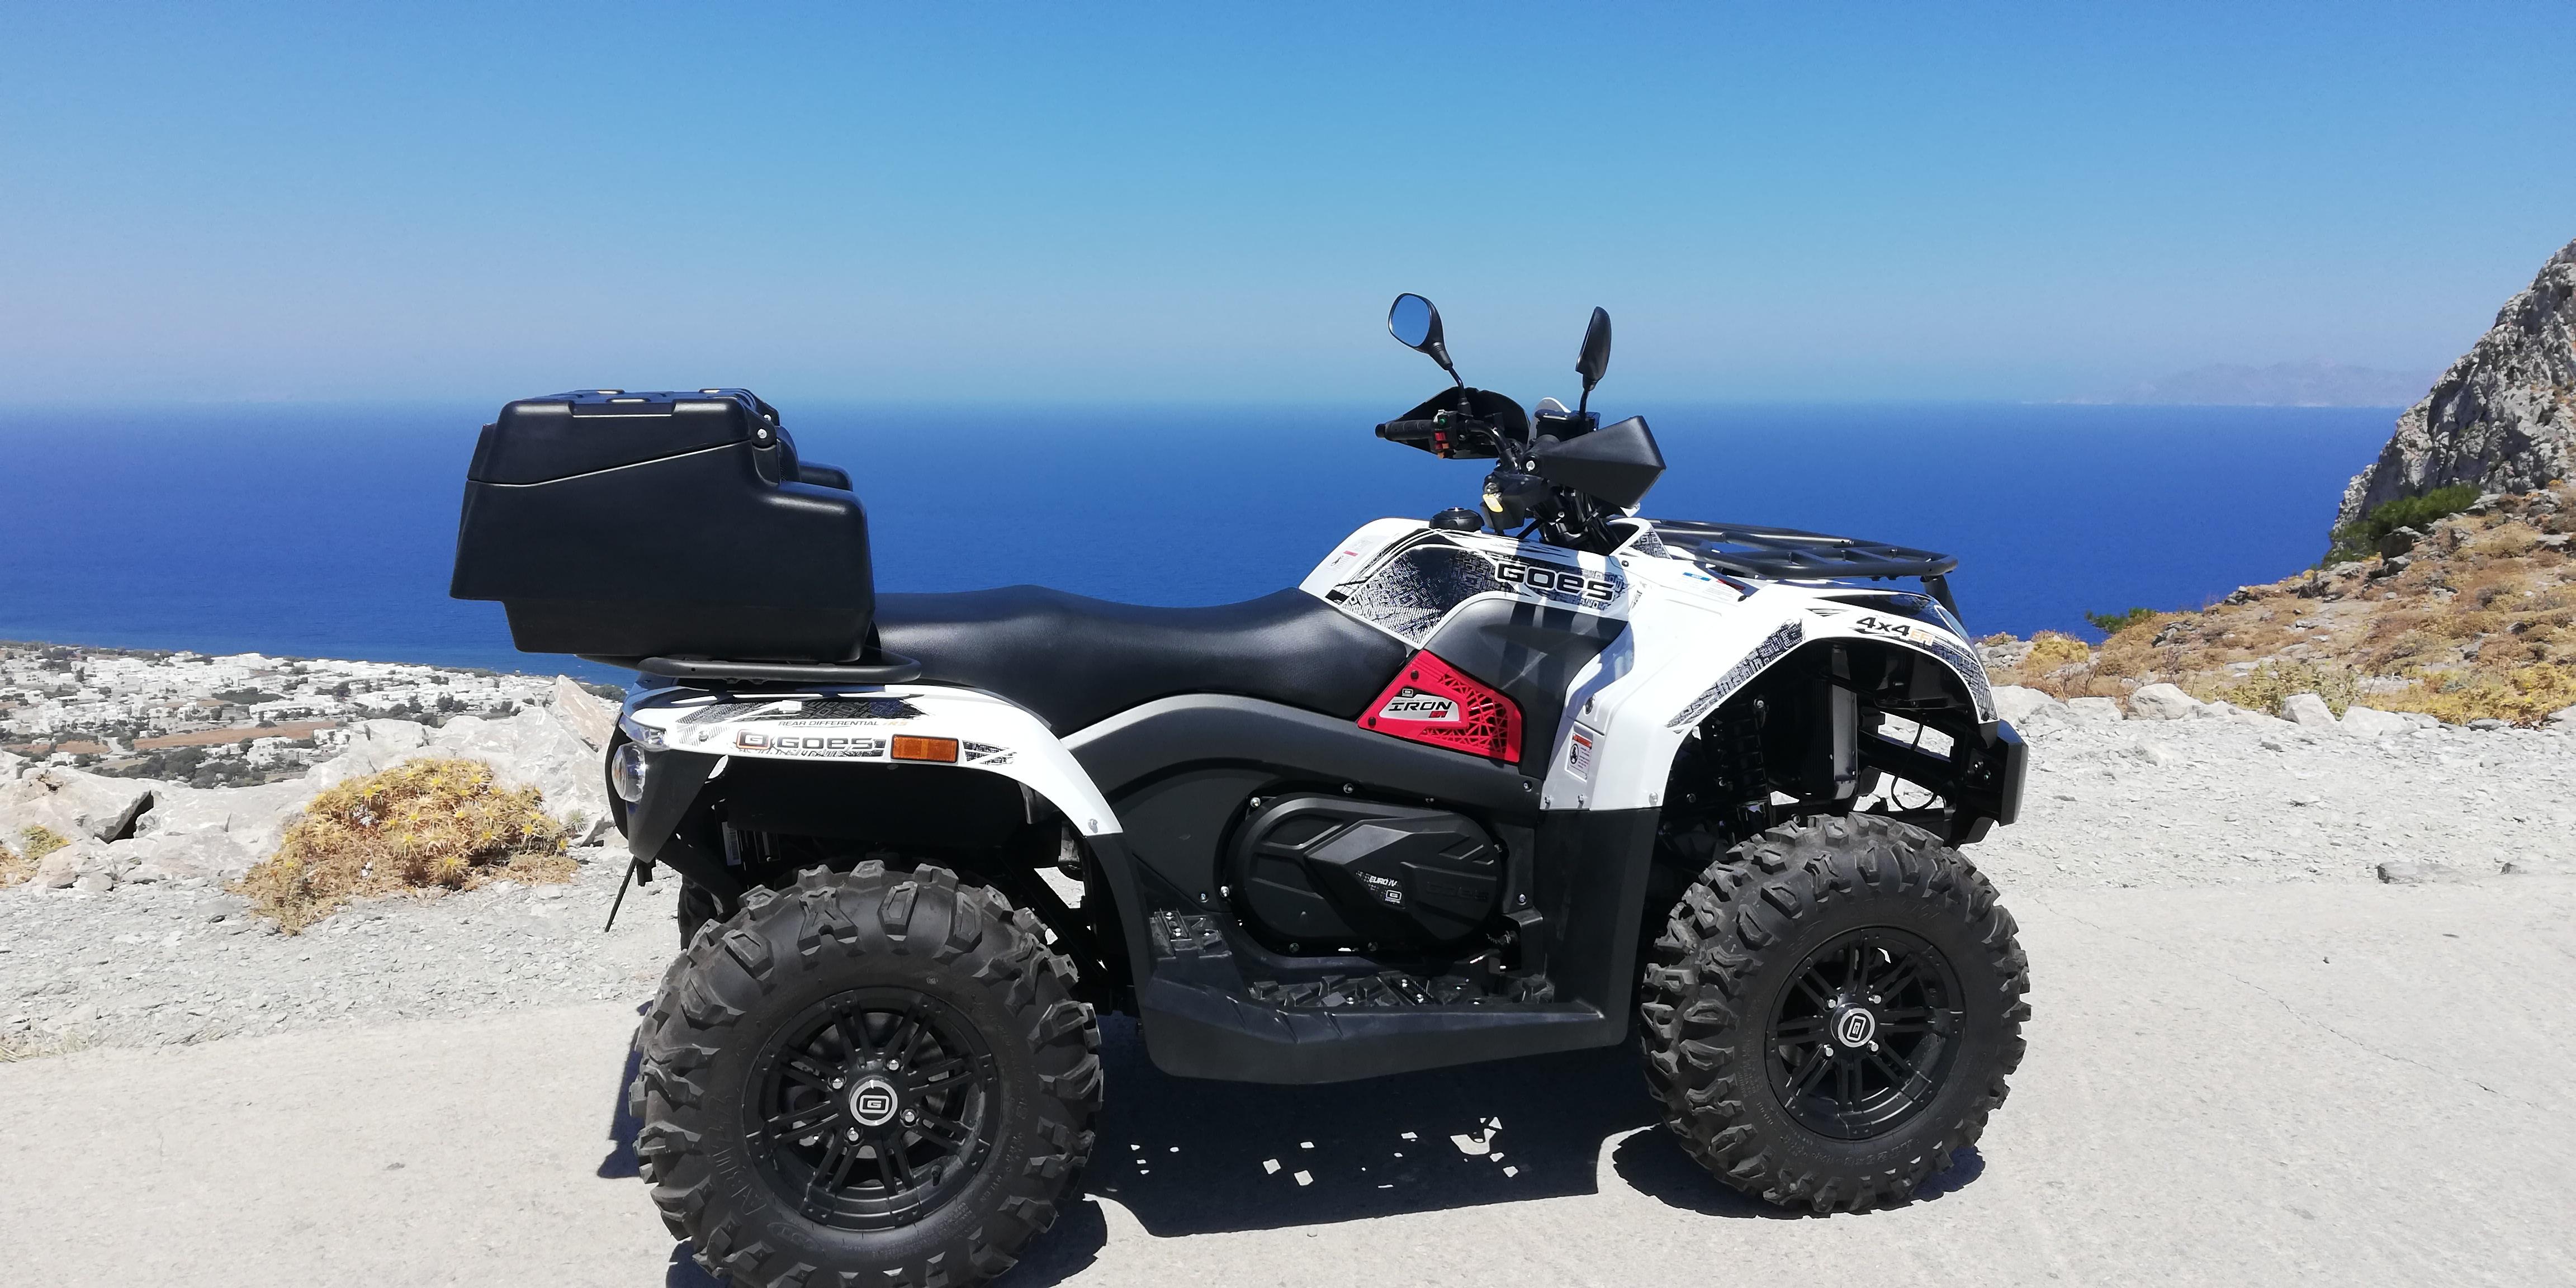 GOES IRON MAX 500 E4 2019